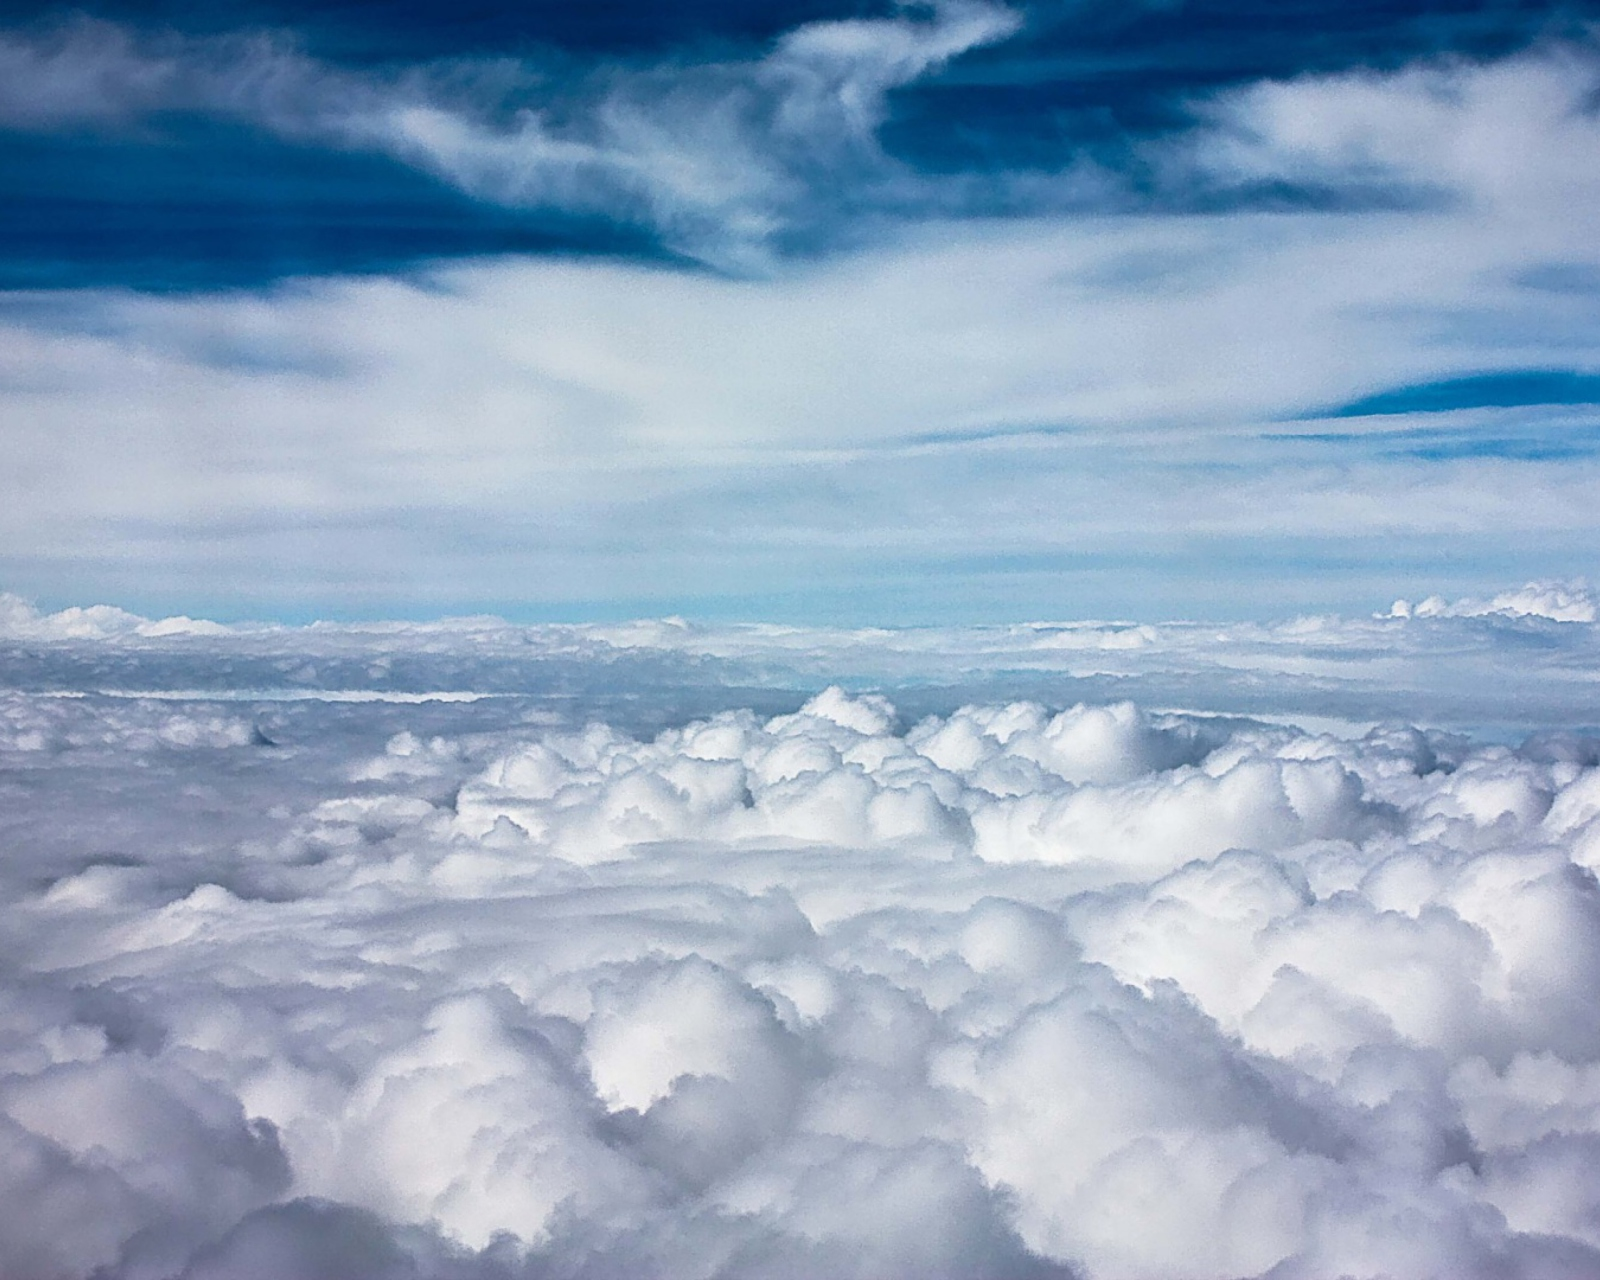 Fondos para fotos de nubes 80